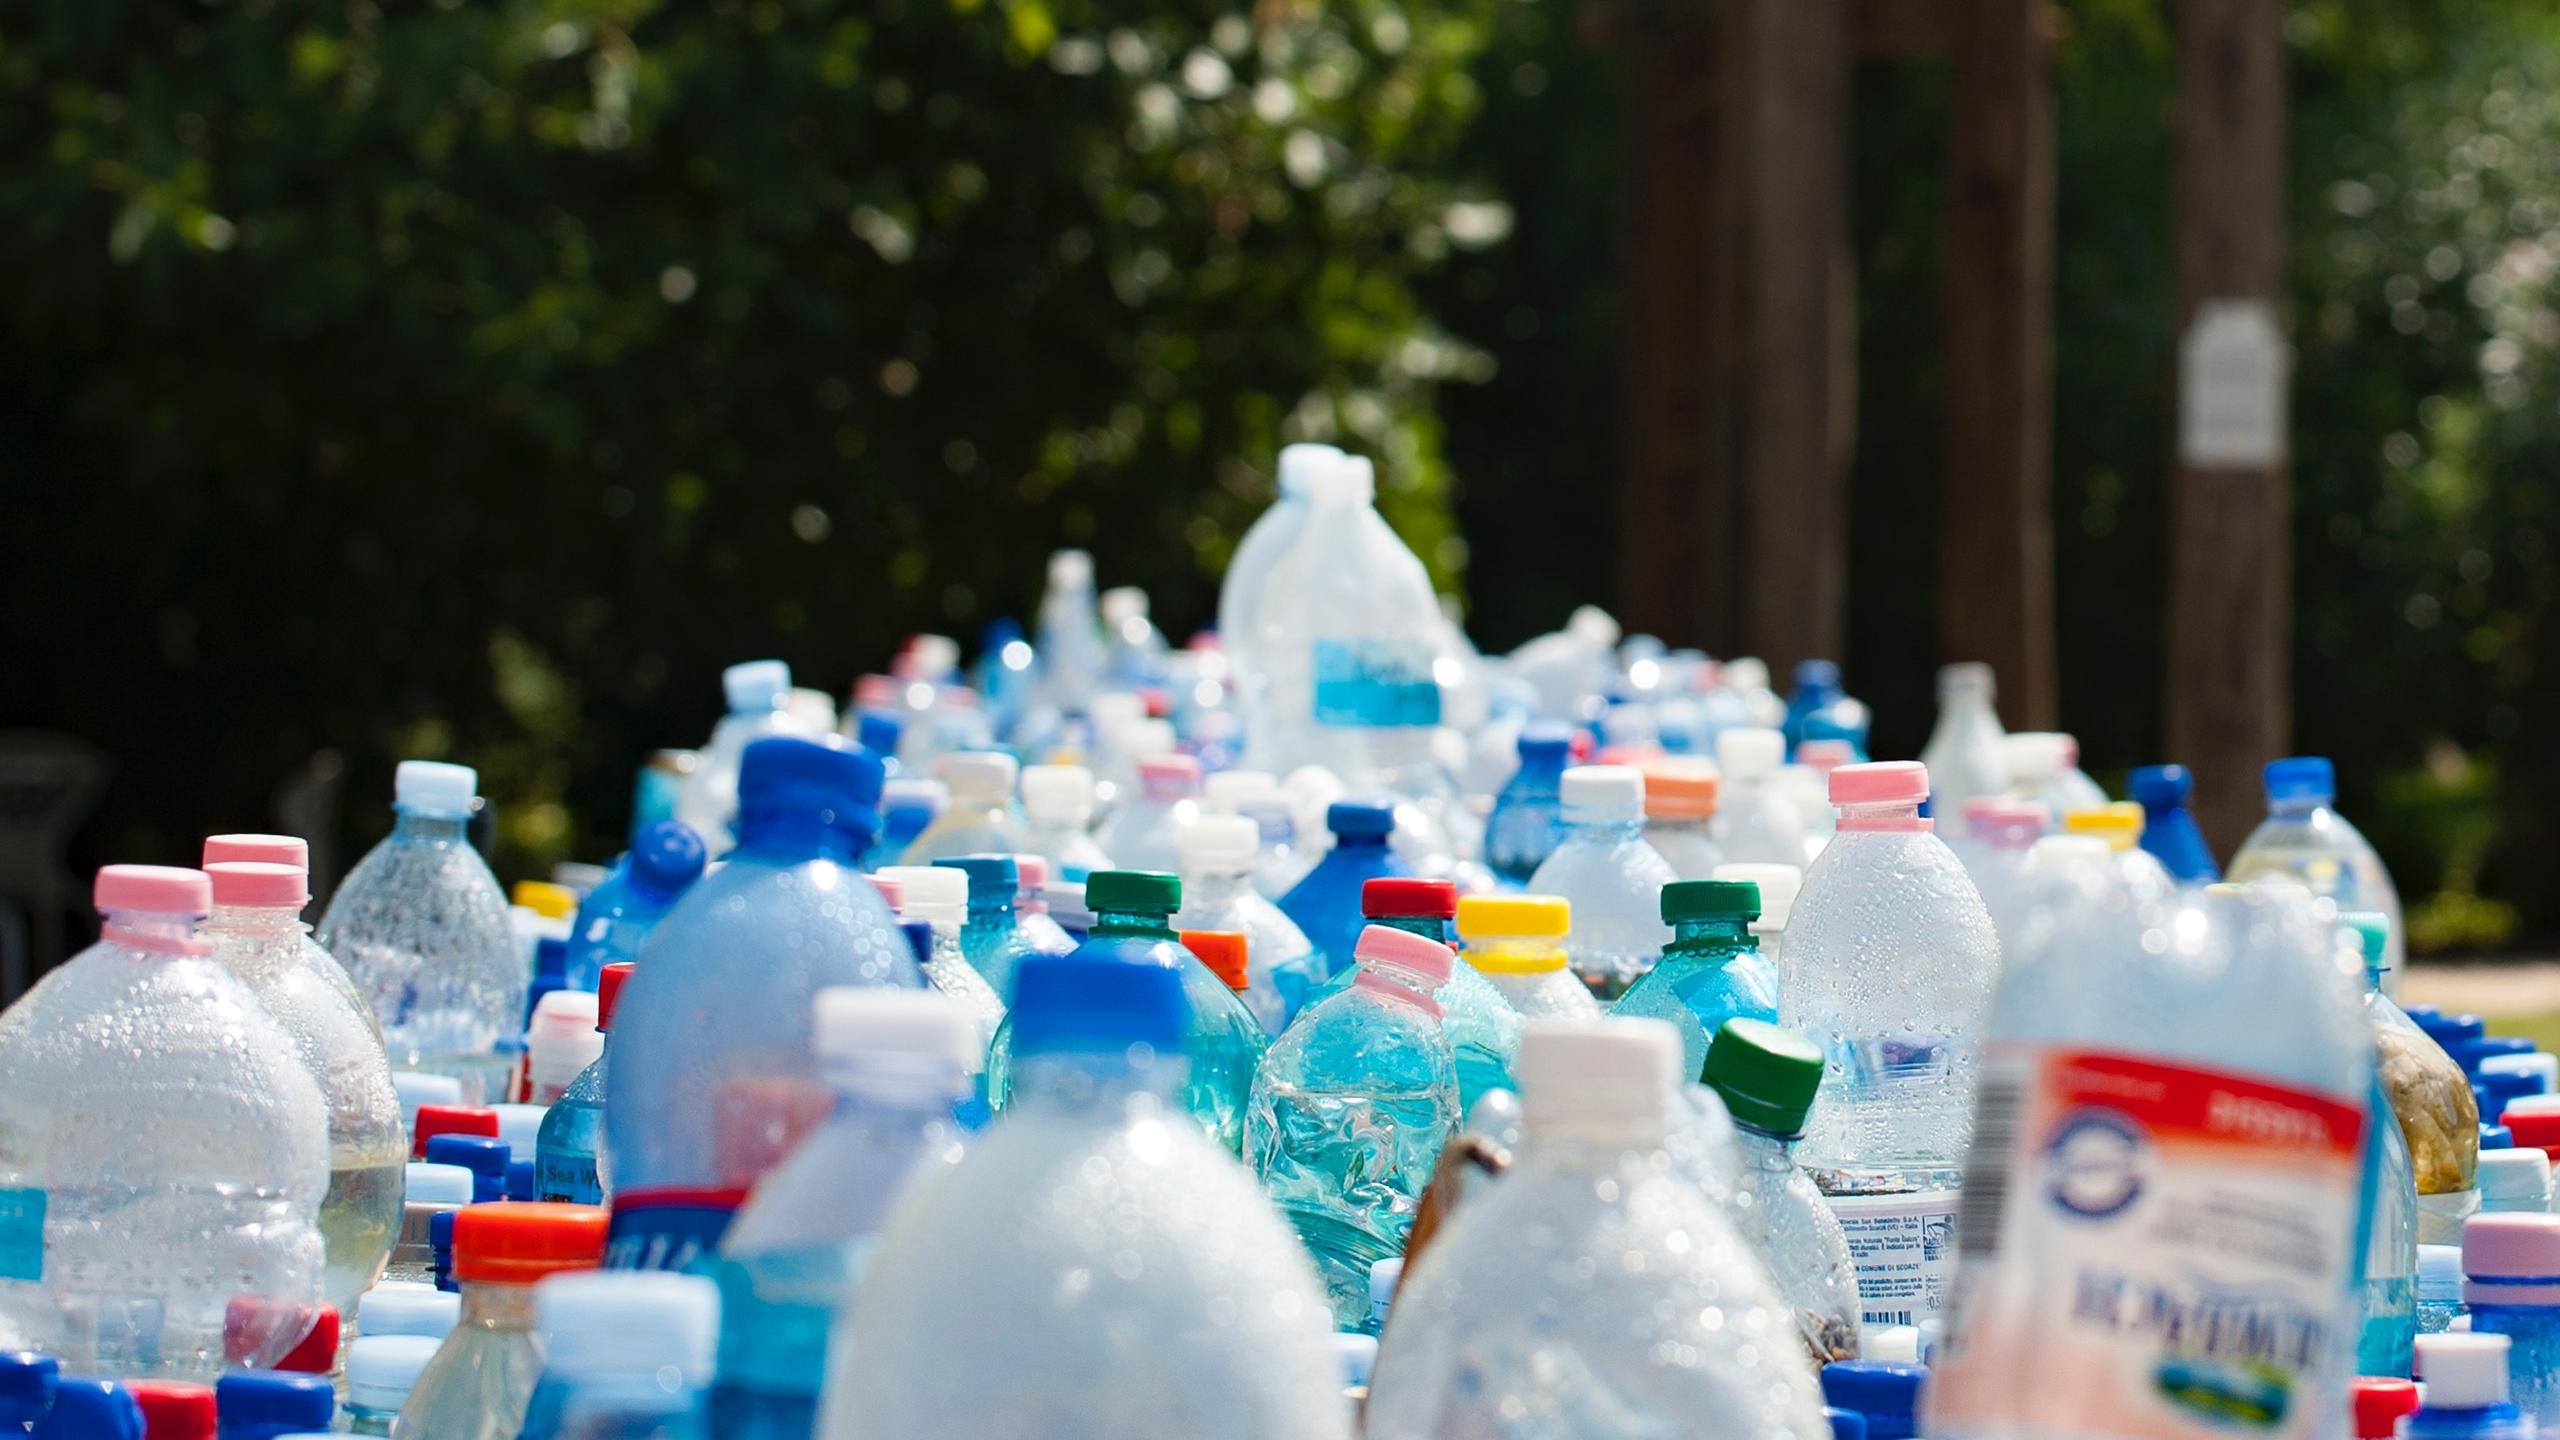 La Unión Europea vota por cerrar más espacios al plástico desechable